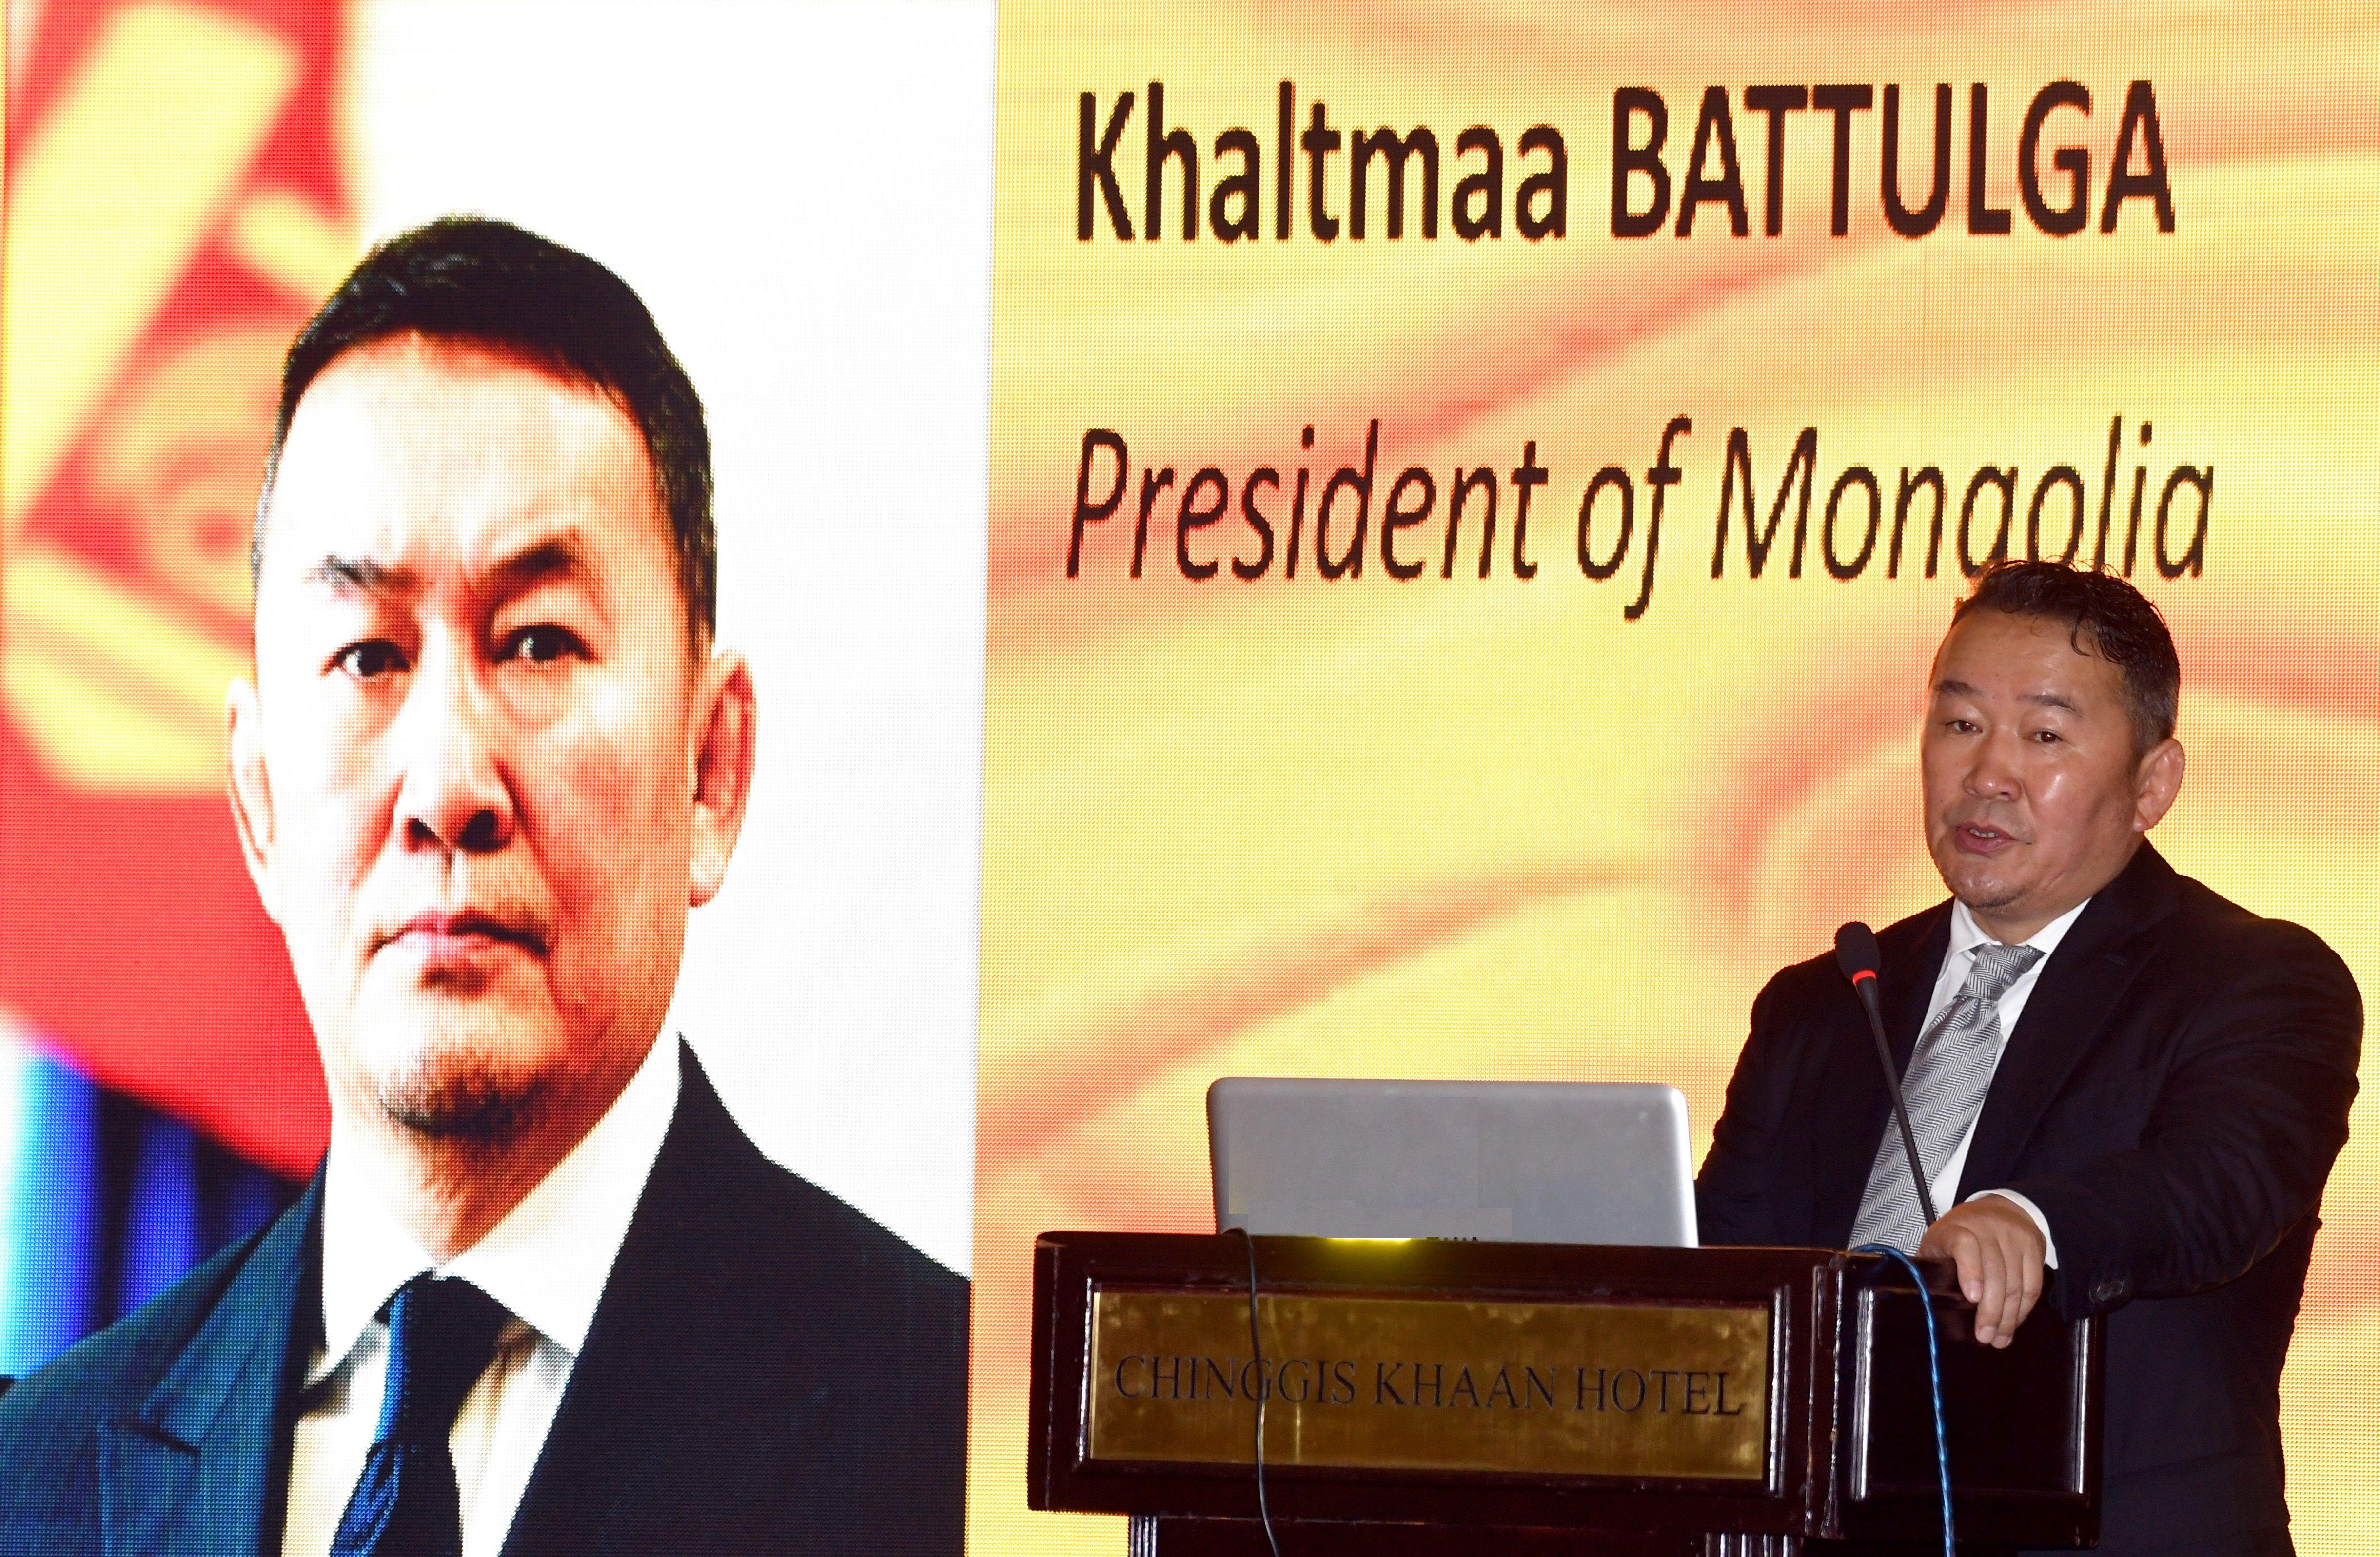 Монгол Улсын Ерөнхийлөгч Х.Баттулга Япон-Монголын хамтарсан олон улсын онол практикийн хуралд оролцож, үг хэллээ